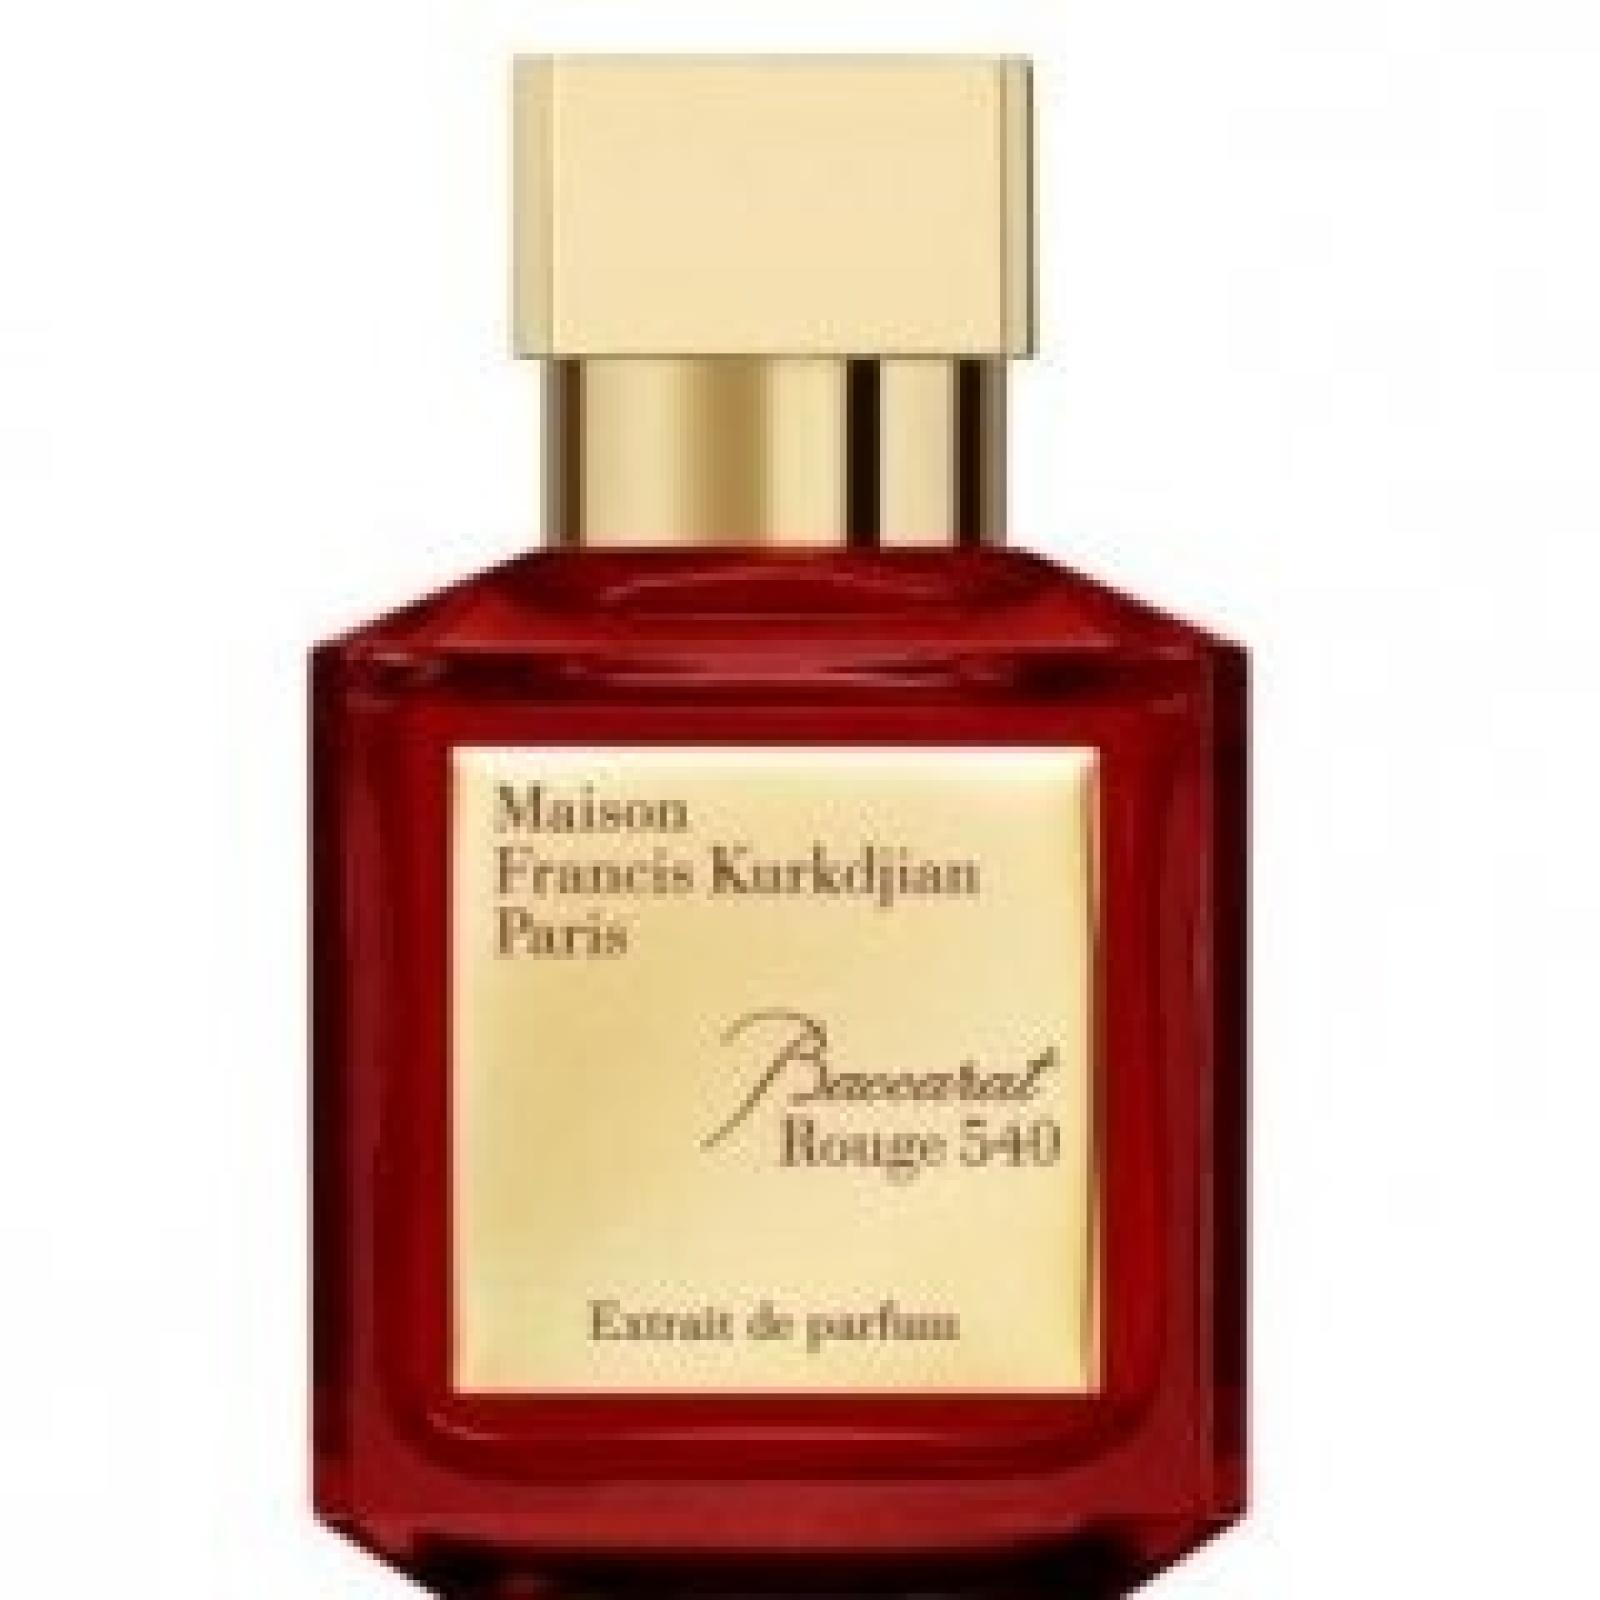 Maison Francis Kurkdjian Baccarat Rouge 540 (Extrait de Parfum)